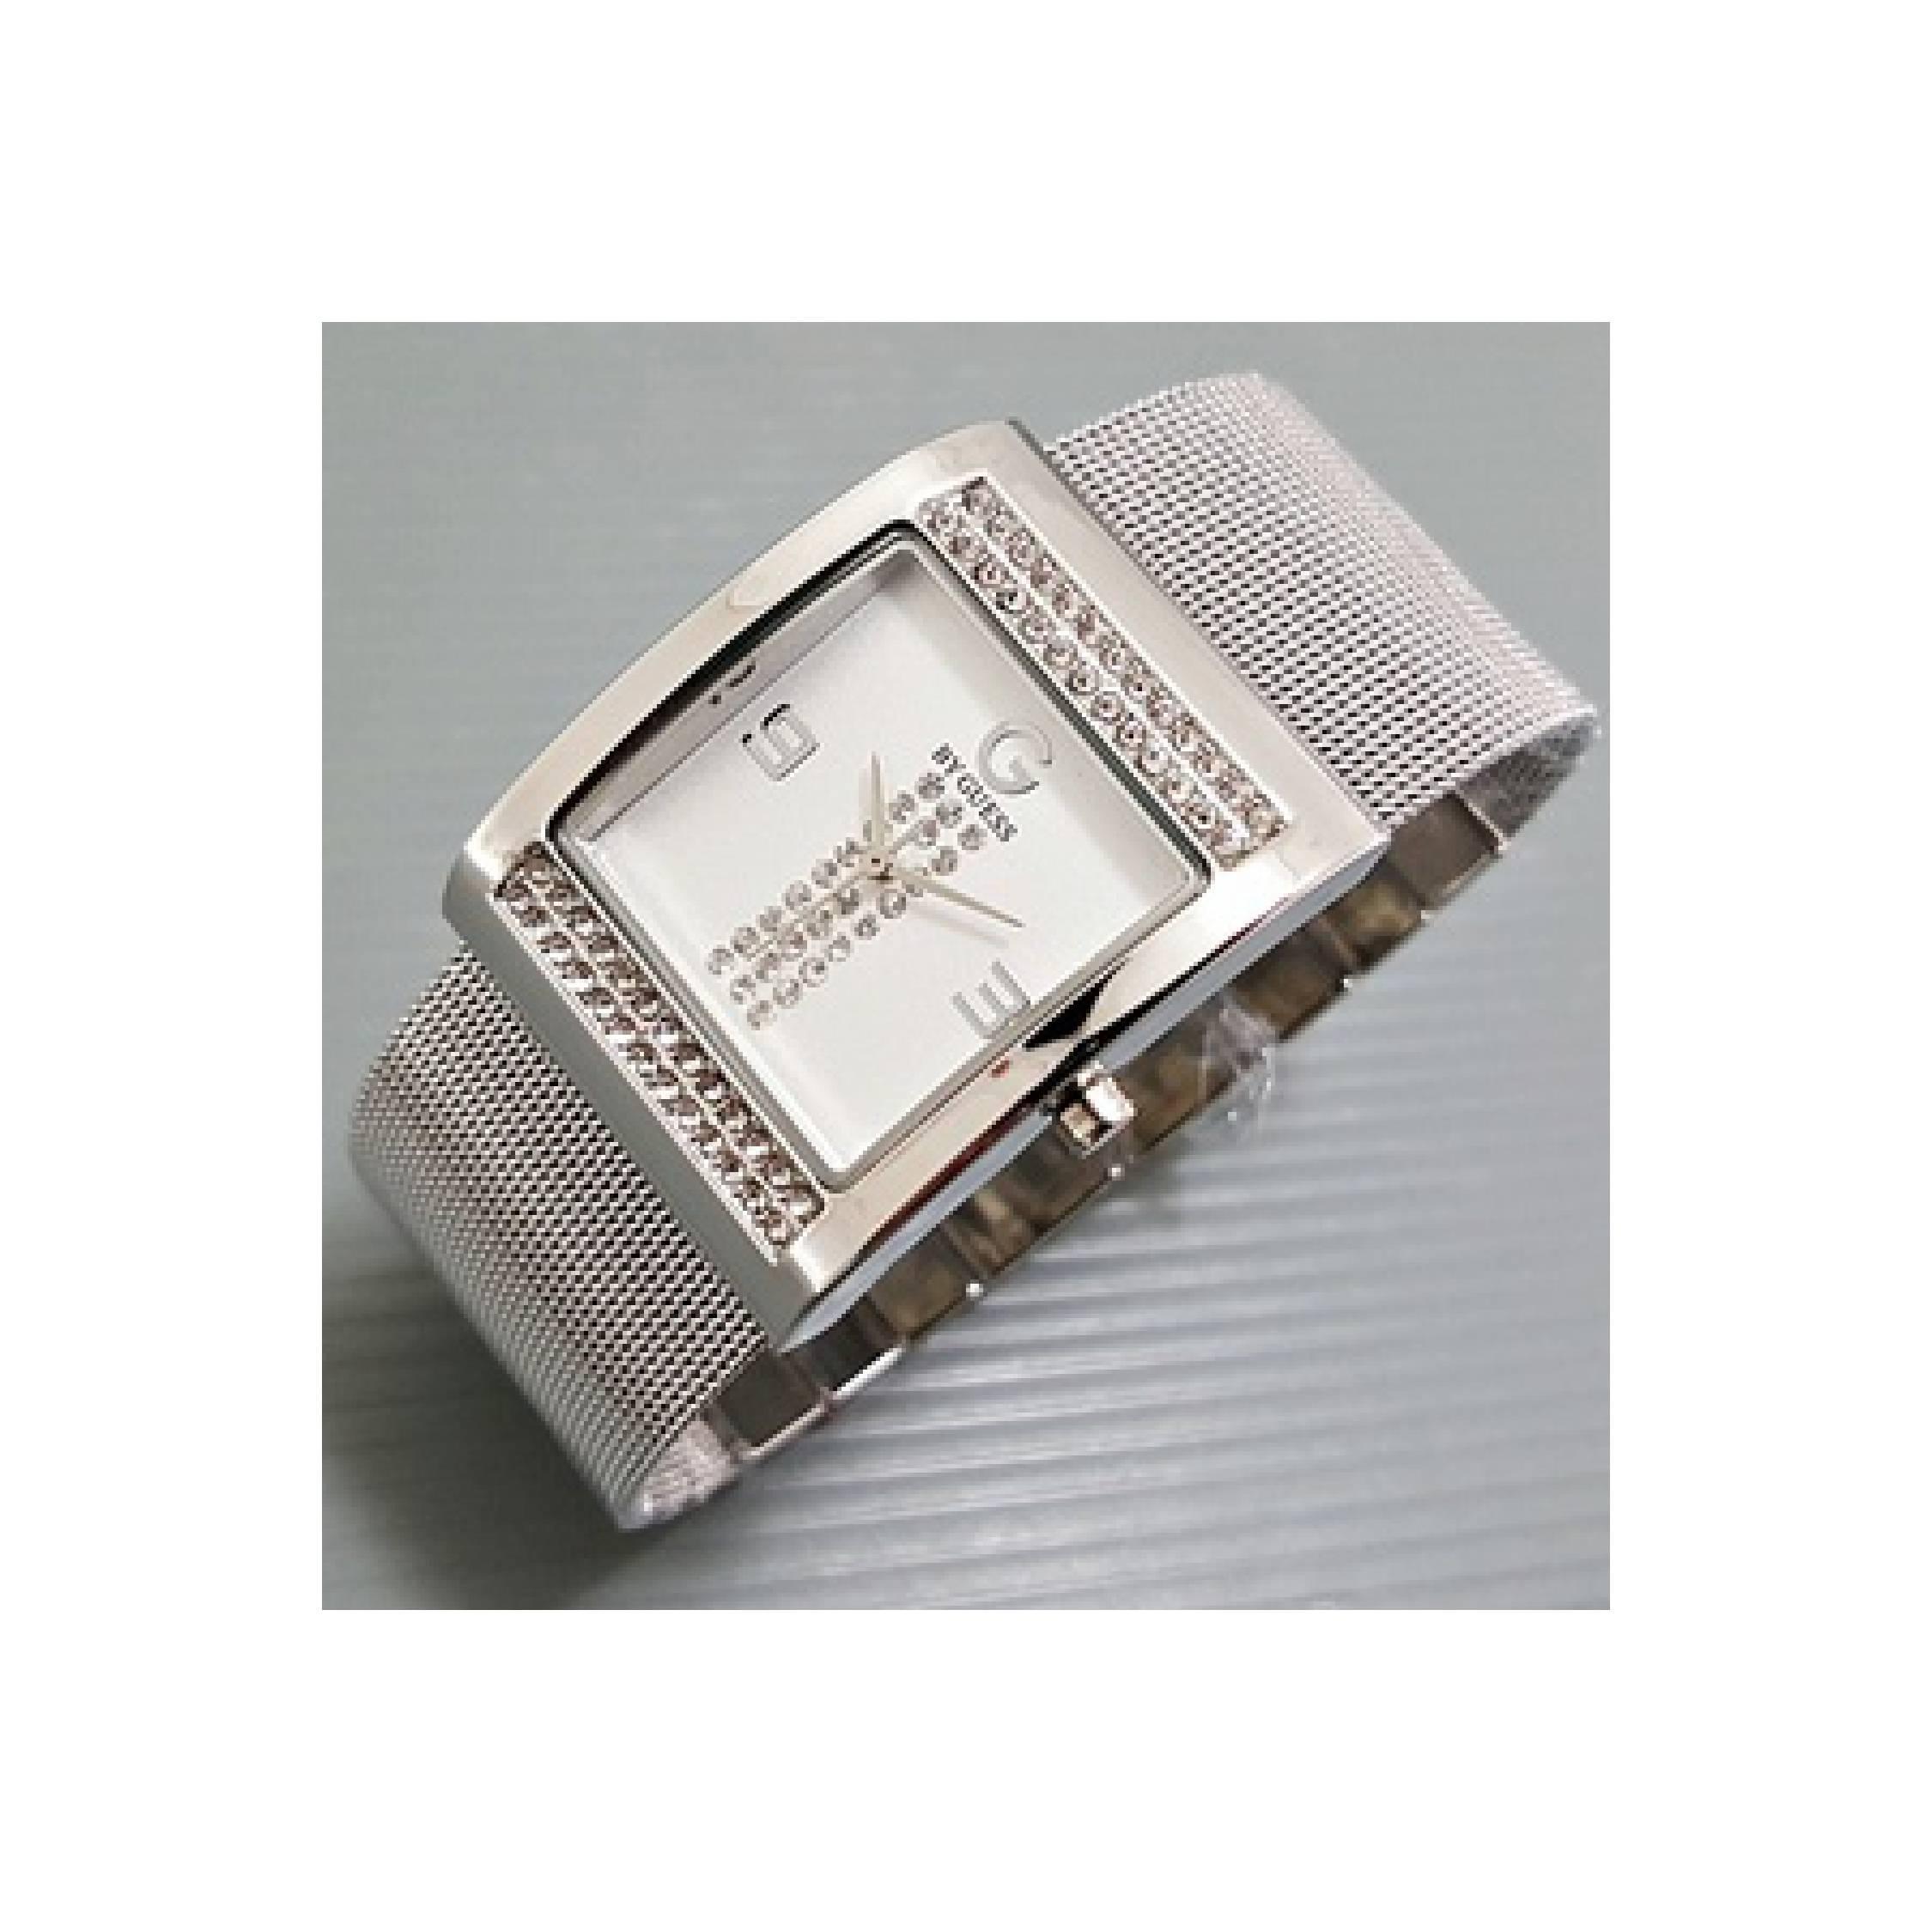 Guess Collection Gc Ladychic Y06001l3 Jam Tangan Wanita Stainless Original Bonia B10204 2315 Steel Silver Byguess Pasir Wanitagcaignerboniacasio